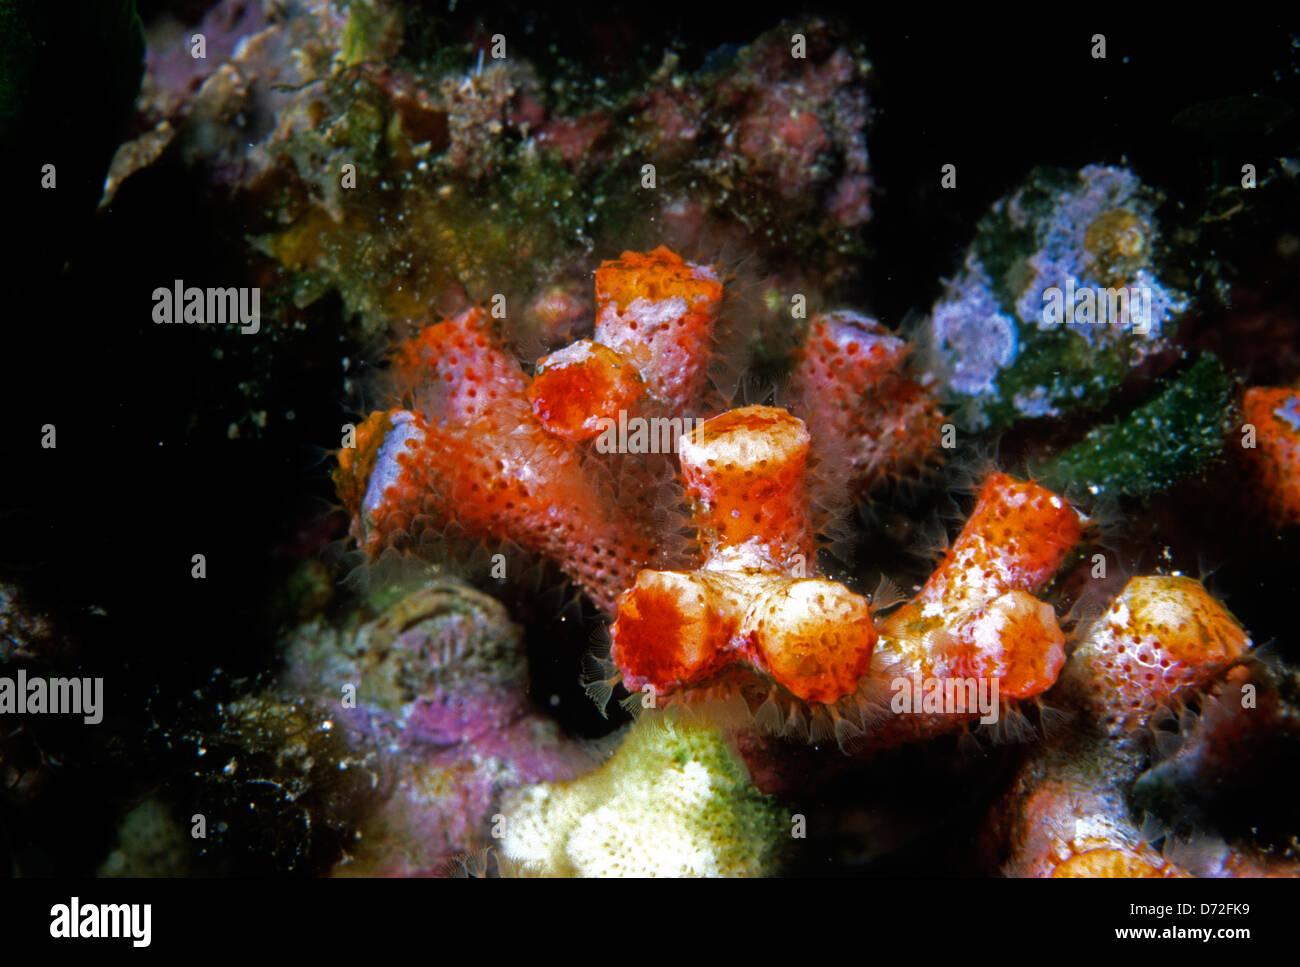 Mediterranean Bryozoa Stockfotos & Mediterranean Bryozoa Bilder - Alamy